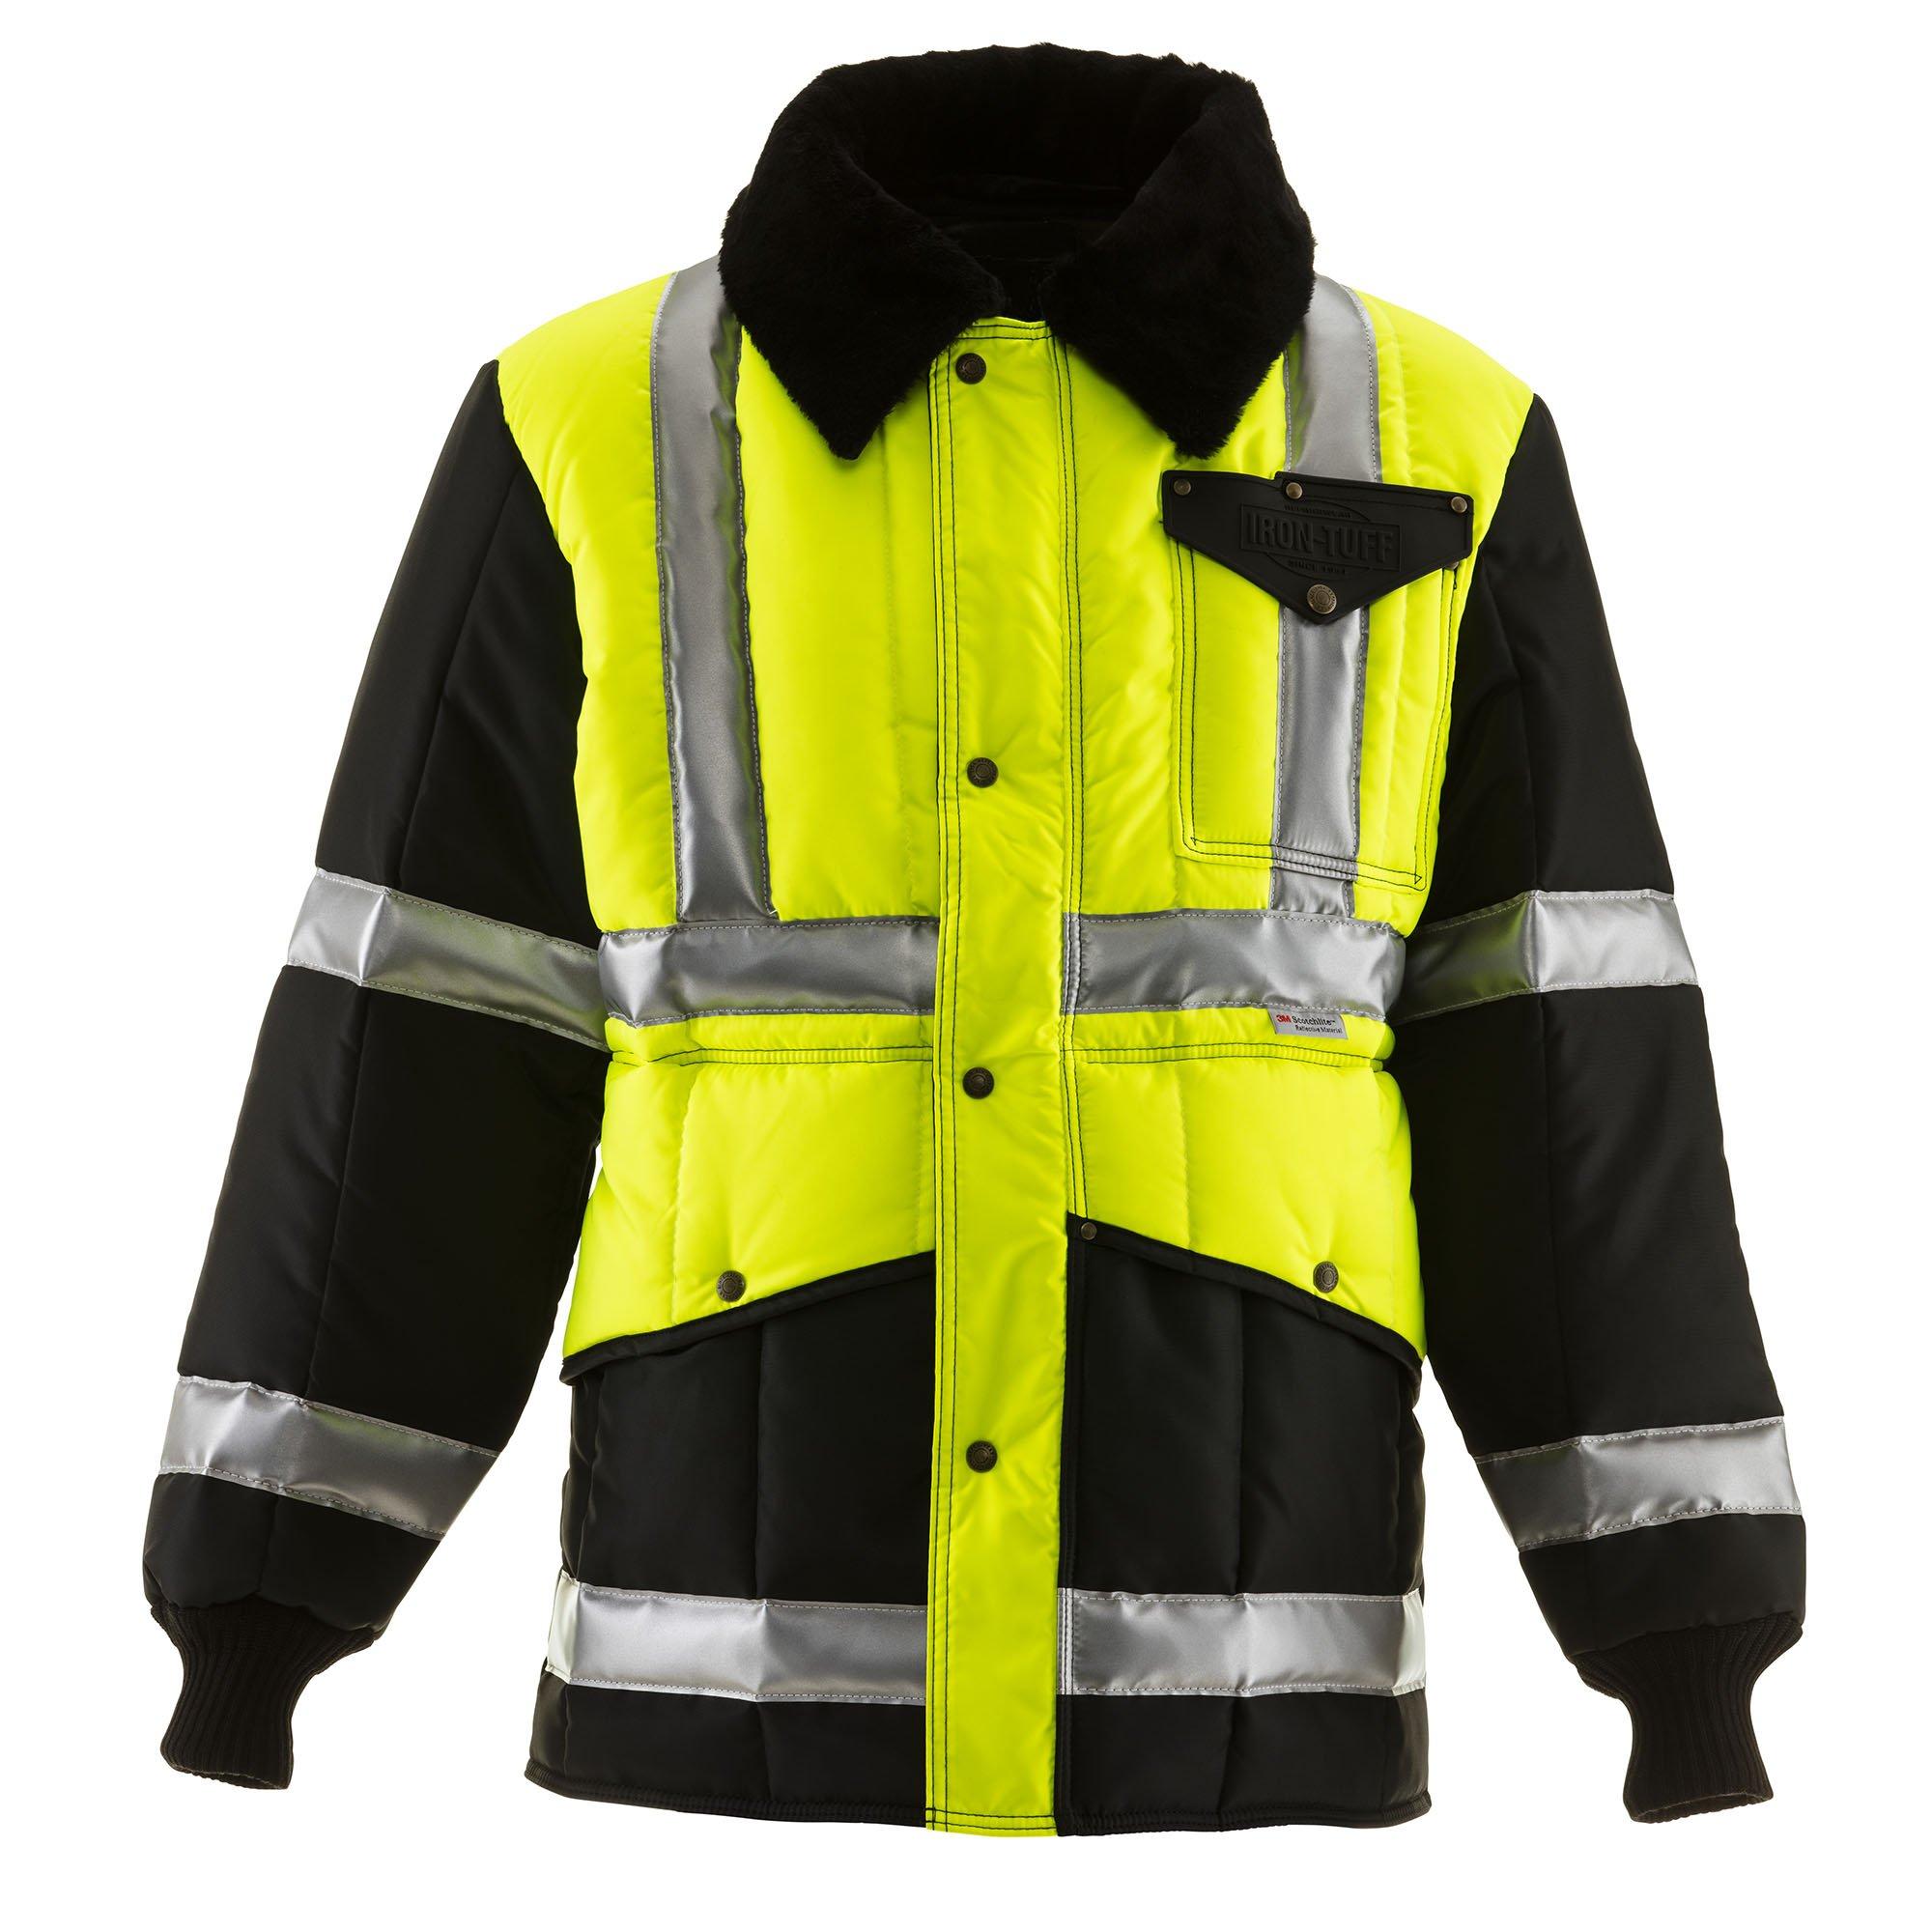 RefrigiWear HiVis Iron-Tuff Two-Tone Jackoat High Visibility Reflective Jacket, Lime/Navy Large